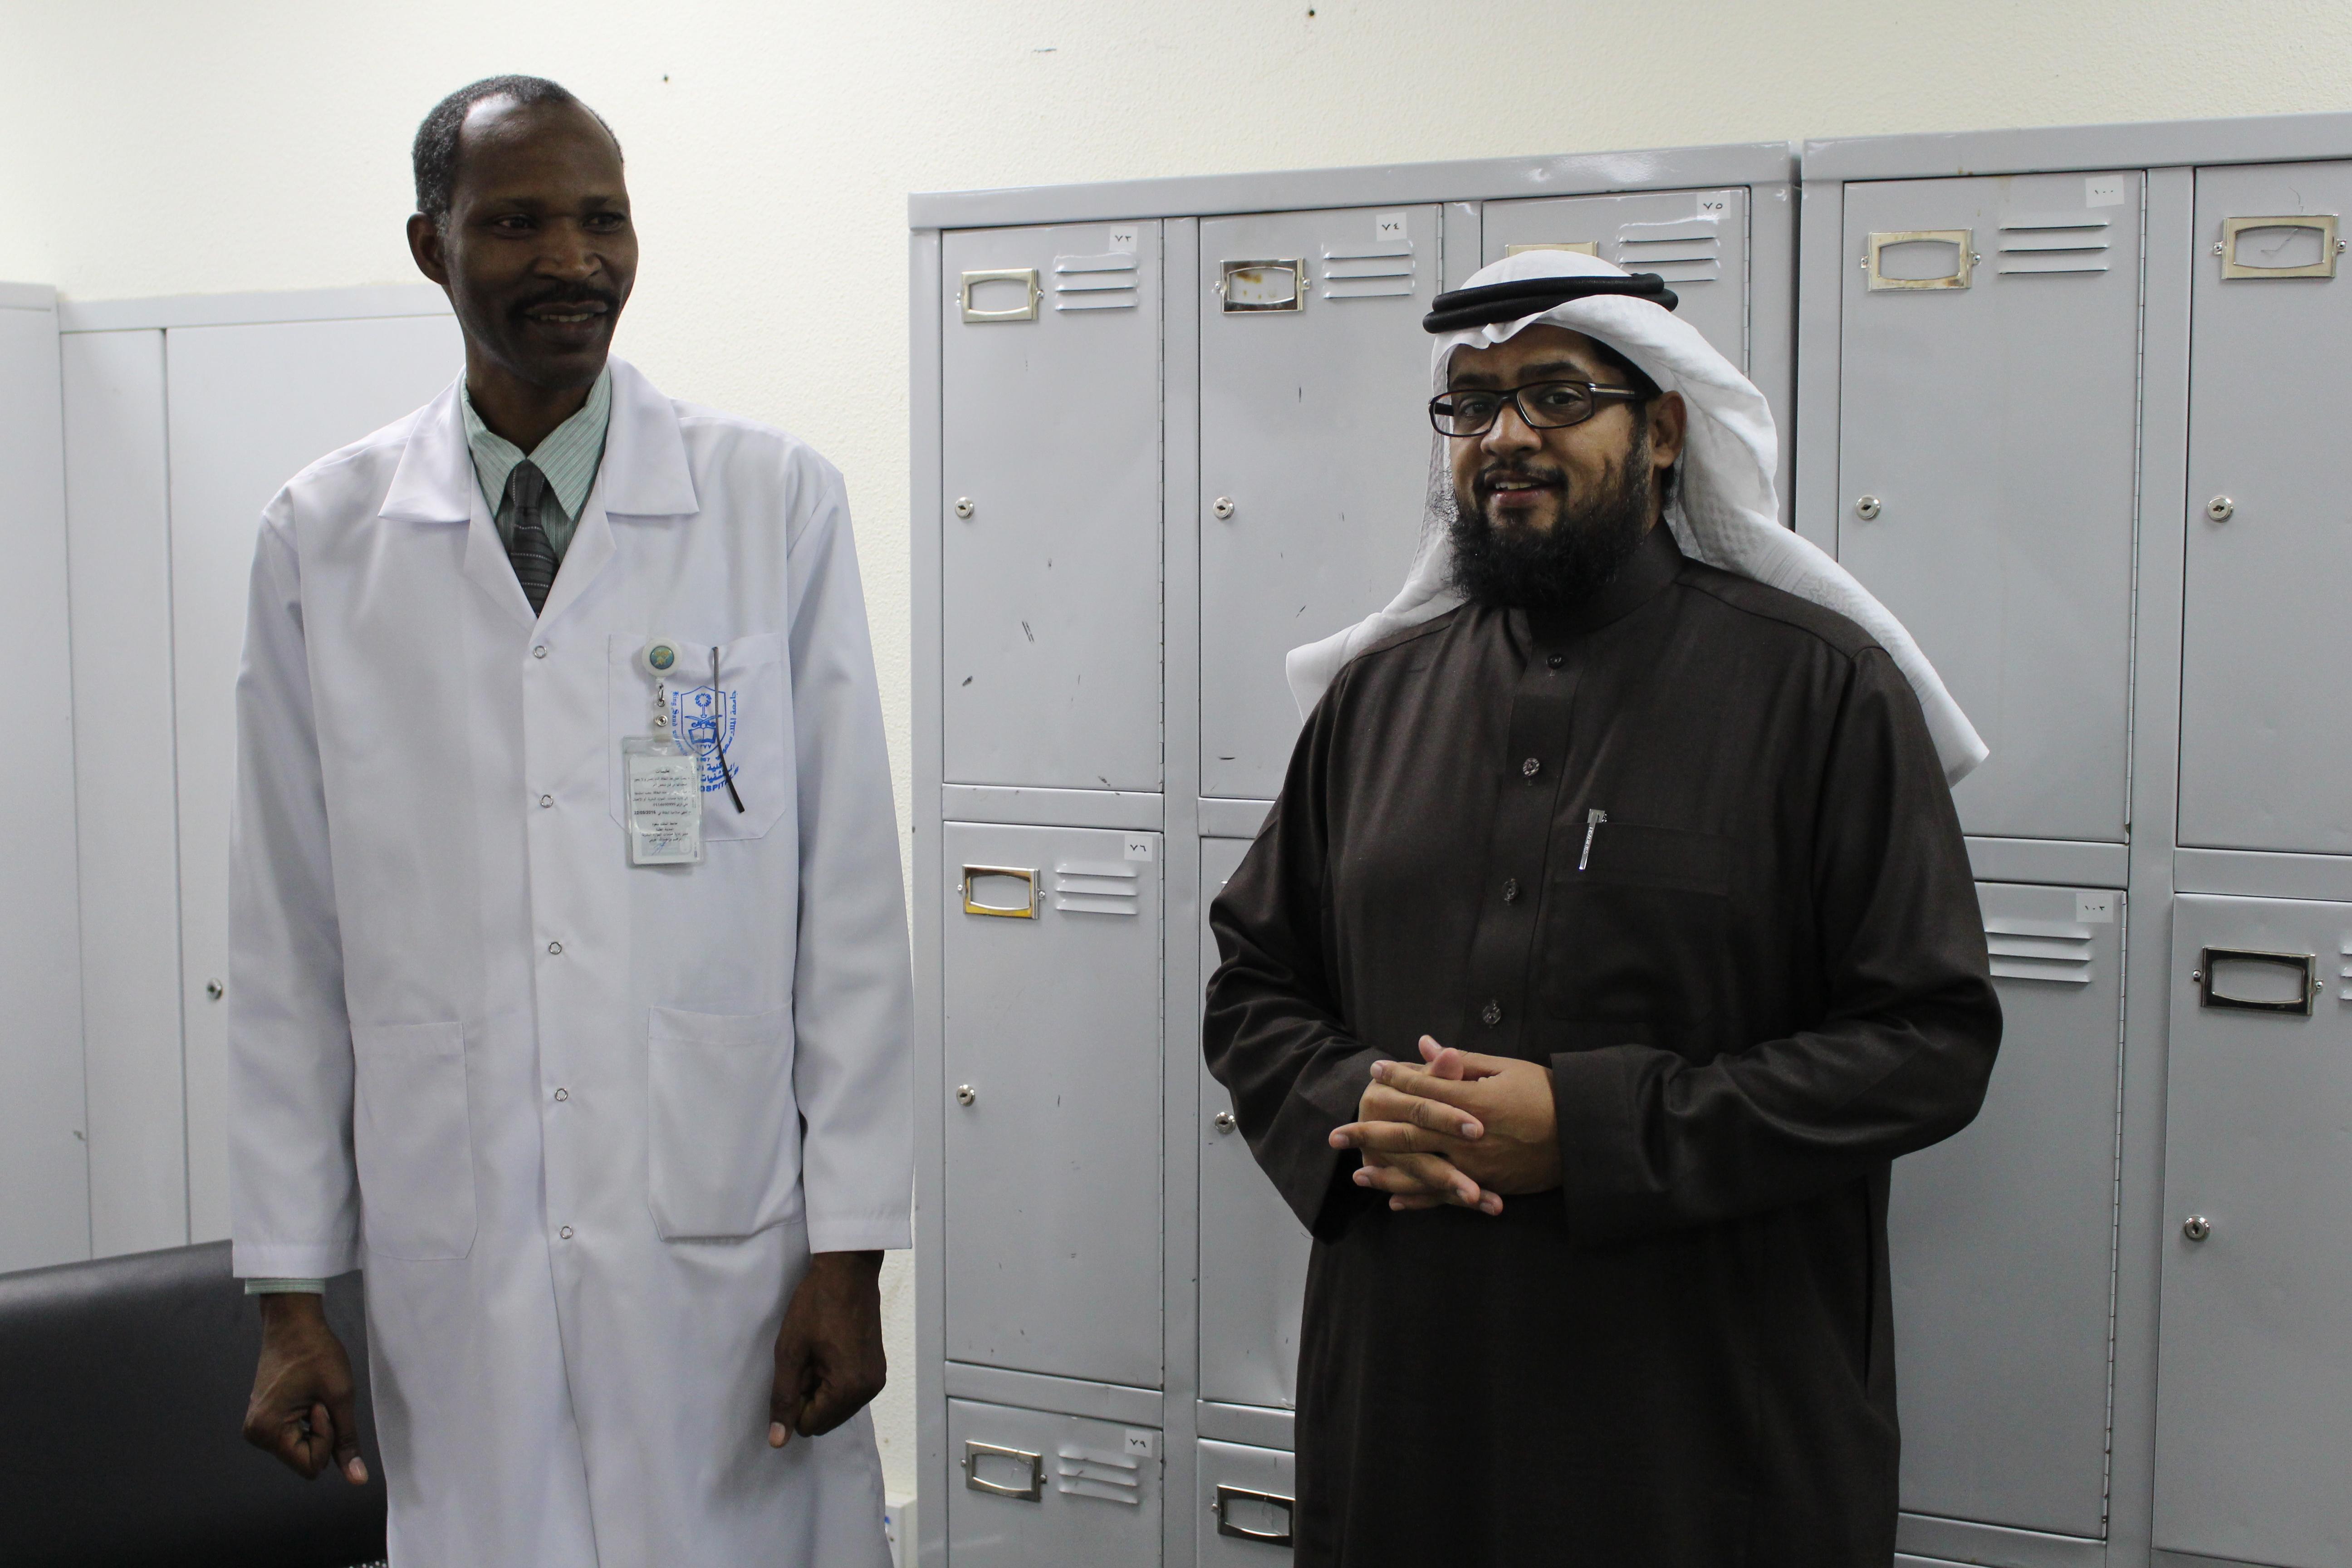 حملة التطعيم الموسمية للأنفلونزا بالتعاون مع قسم مكافحة العدوى بالمدينة الطبية بجامعة الملك سعود.